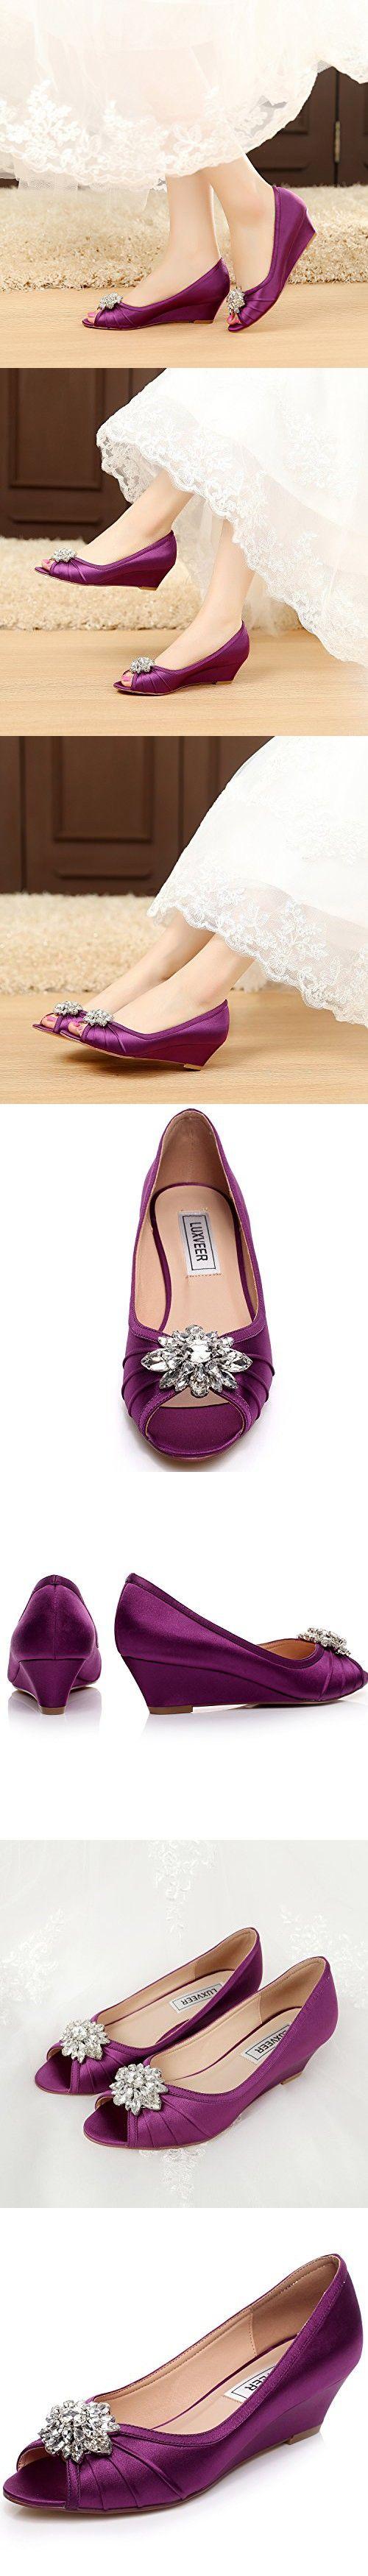 LUXVEER Purple Low Heel Wedding Wedges Shoes,2inch Heels-EU38